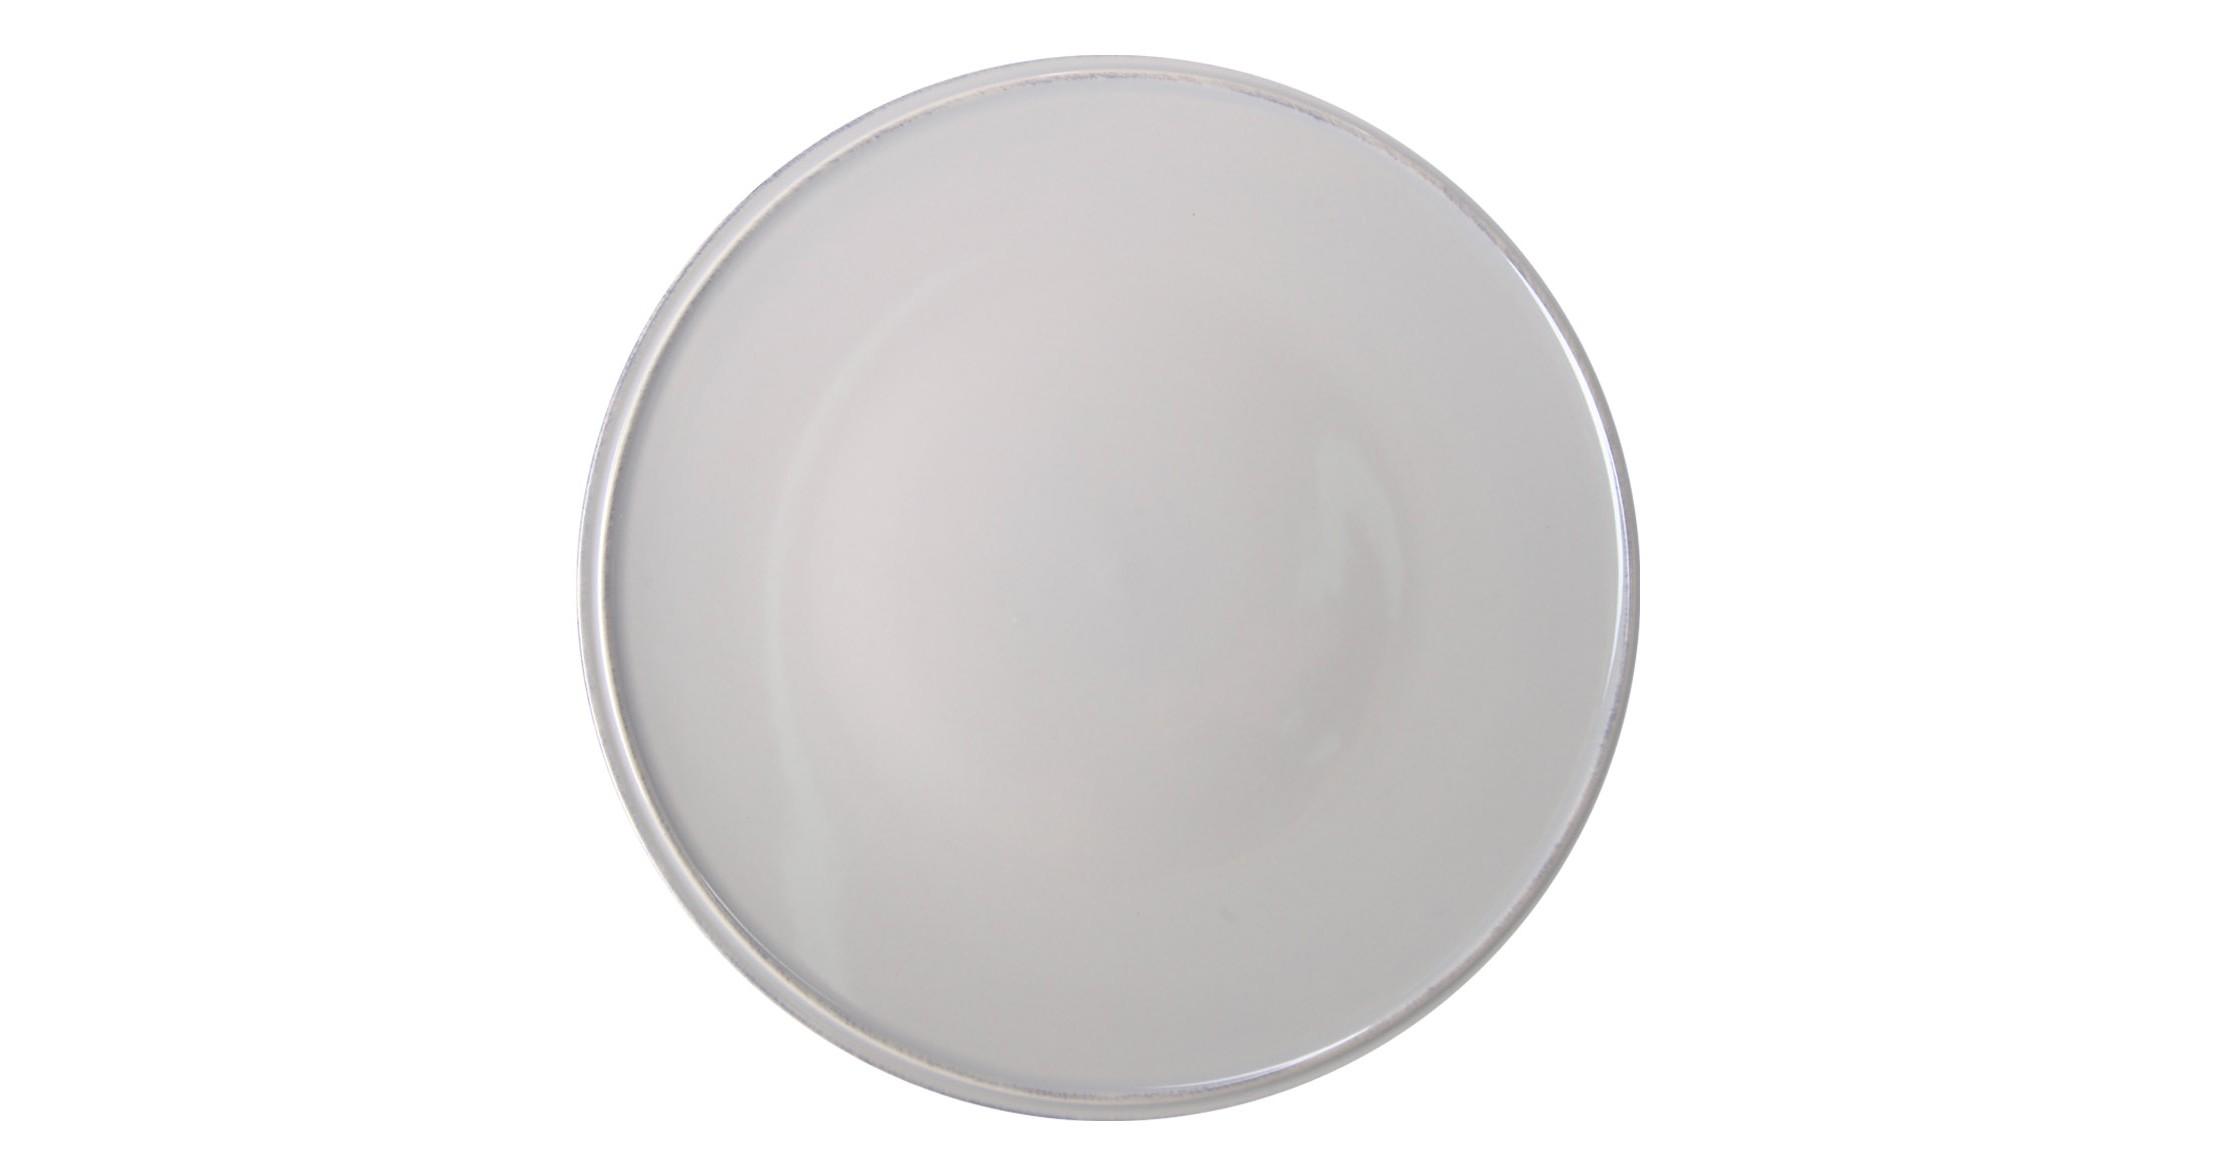 ТарелкаТарелки<br>Costa Nova (Португалия) – керамическая посуда из самого сердца Португалии. Керамическая посуда Costa Nova абсолютно устойчива к мытью, даже в посудомоечной машине, ее вполне можно использовать для замораживания продуктов и в микроволновой печи, при этом можно не бояться повредить эту великолепную глазурь и свежие краски. Такую посуду легко мыть, при ее очистке можно использовать металлические губки – и все это благодаря прочному глазурованному покрытию. Все серии посуды от Costa Nova отвечают международным стандартам качества. Керамическая посуда от Costa Nova не содержит такие вещества, как свинец и кадмий.<br><br>Material: Керамика<br>Diameter см: 34